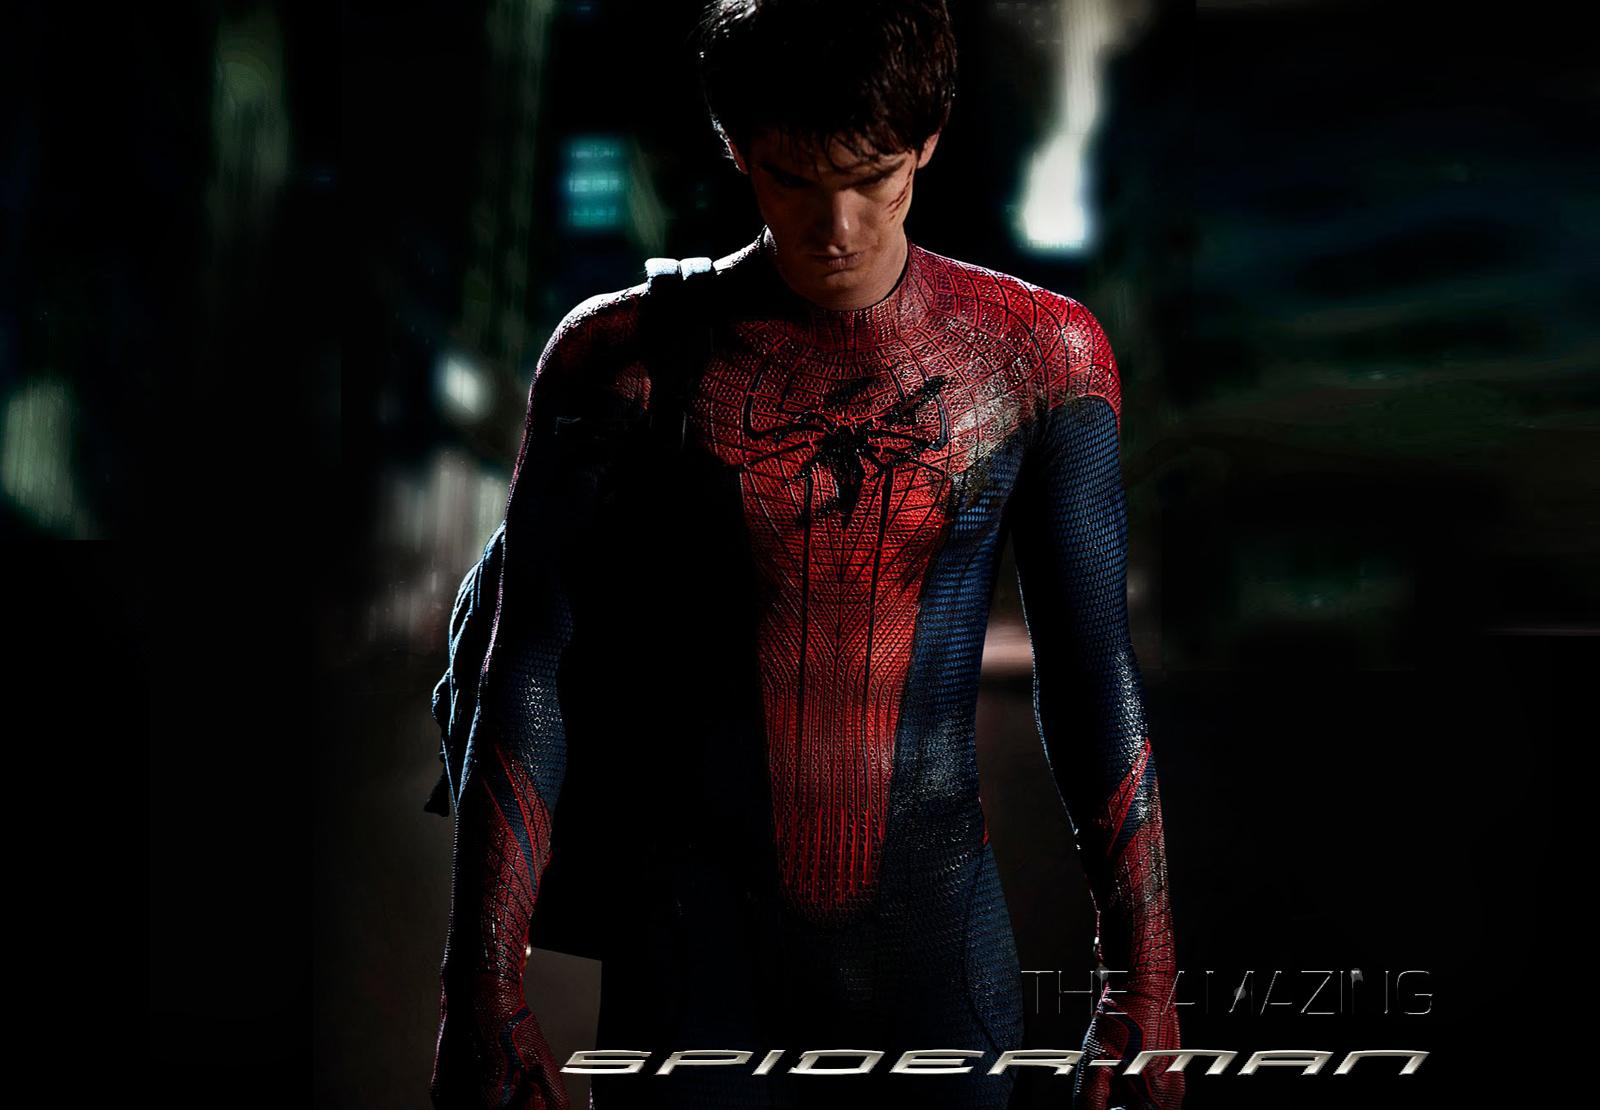 http://2.bp.blogspot.com/-Wdq17QWpybc/T_b1EjGDnAI/AAAAAAAAD7w/QwdqKRGGw9g/s1600/amazing-spider-man-untold-story.jpg